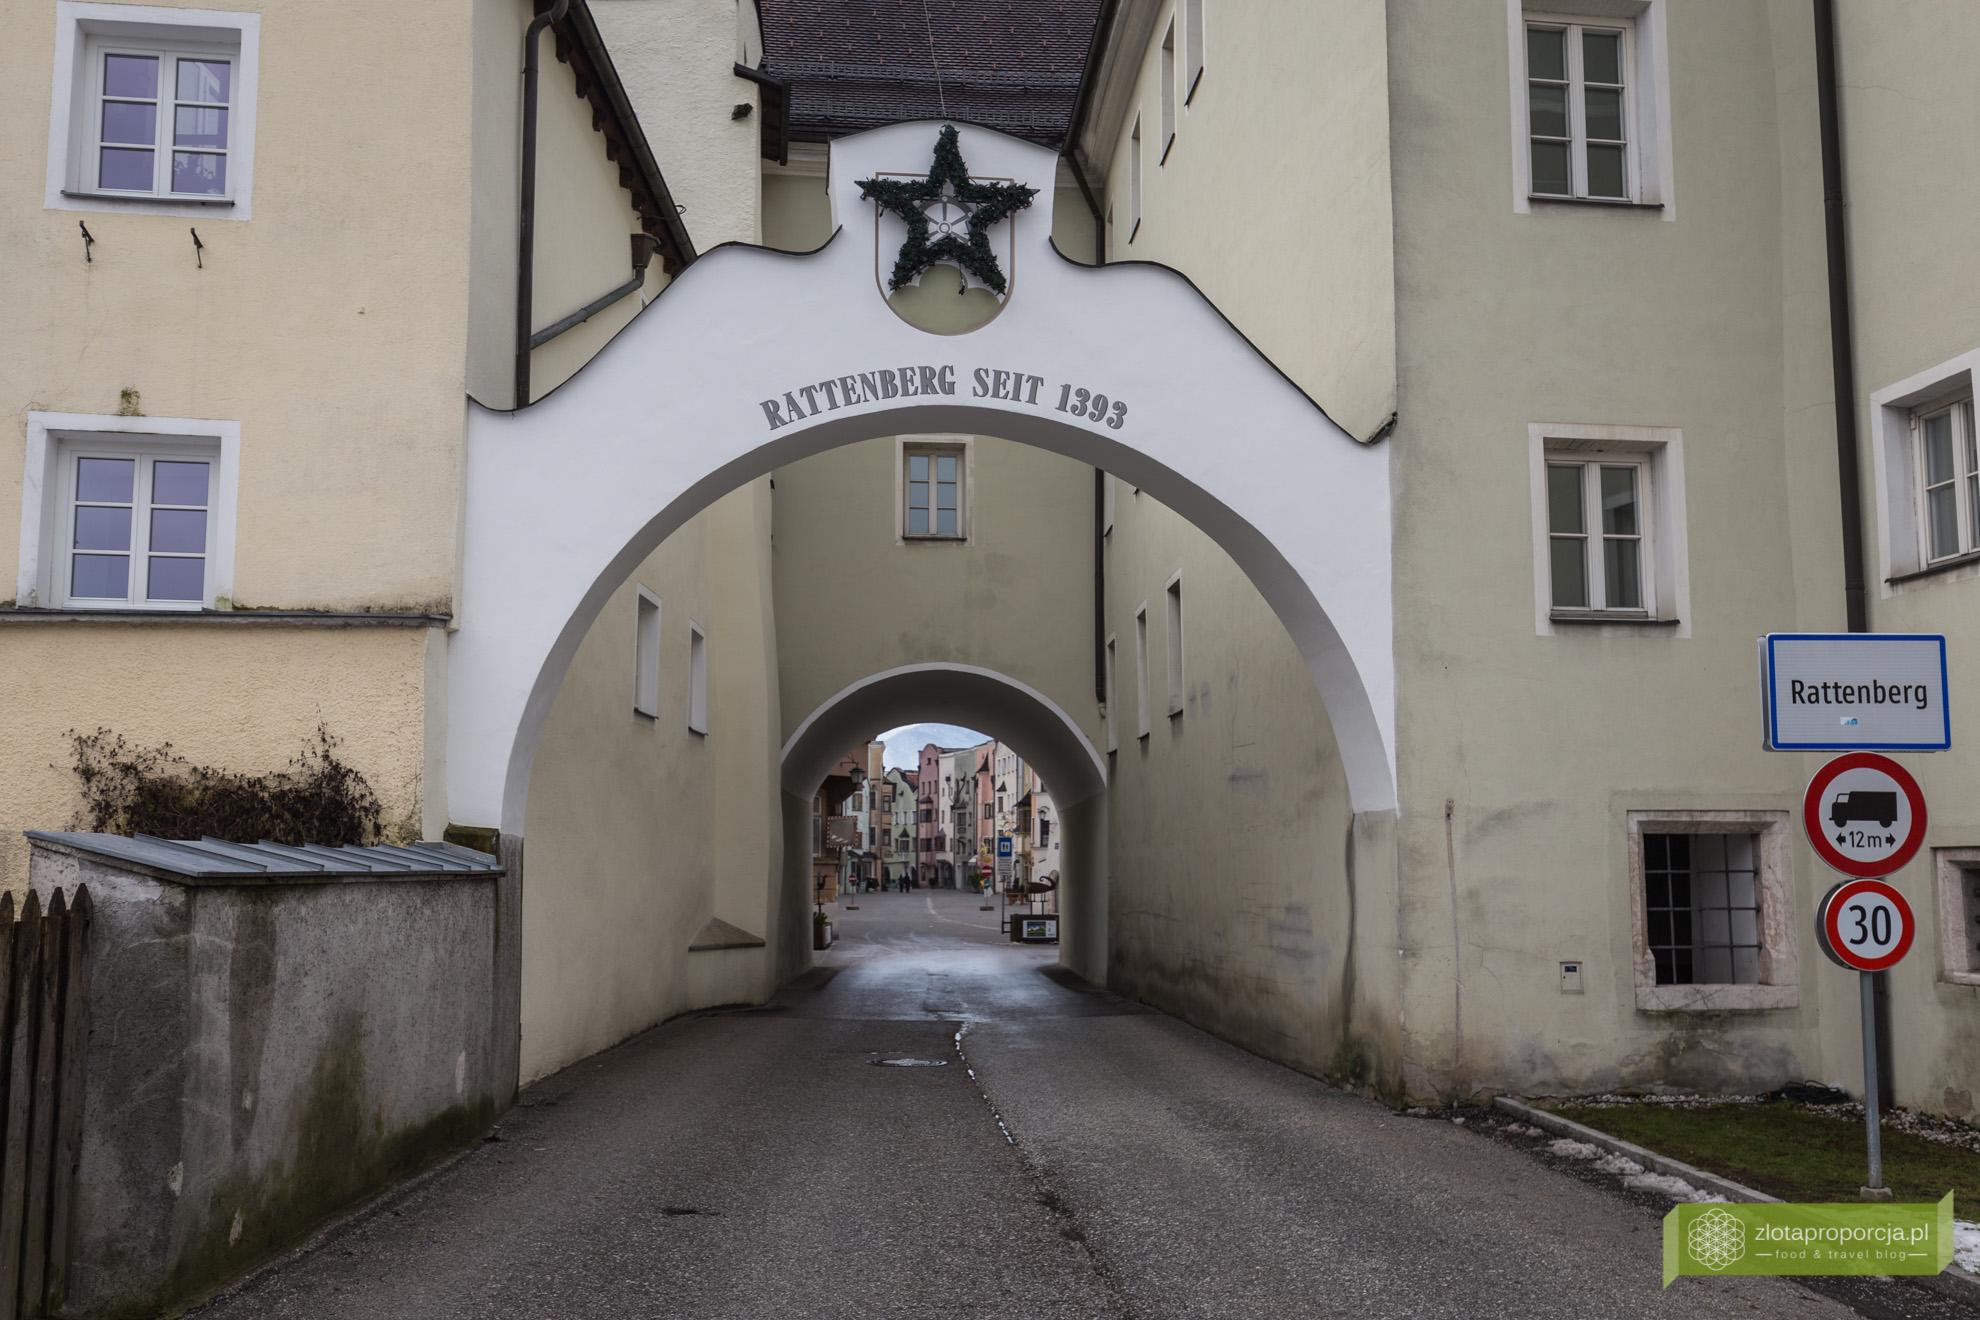 Rattenberg, Alpbachtal, Tyrol, Austria, atrakcje Tyrolu